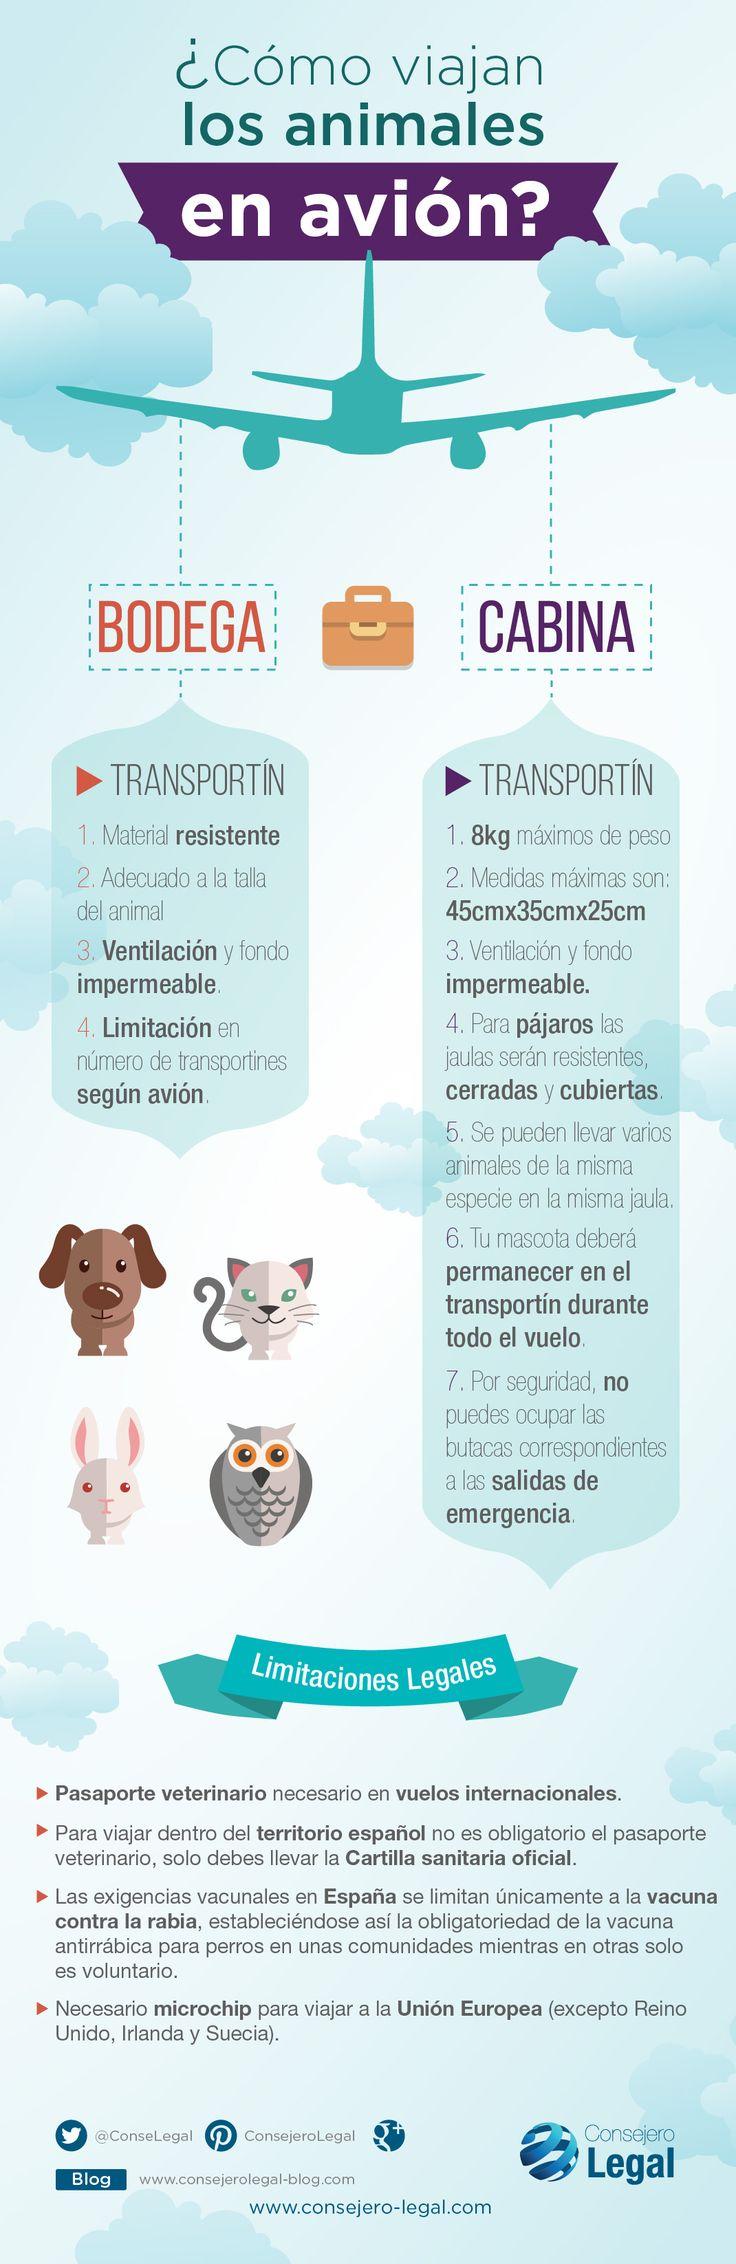 Cómo viajar con mascotas en un avión (infografía). Descubre qué debes hacer para poder viajar con tus mascotas en avión y que debes cumplir. Consejero Legal